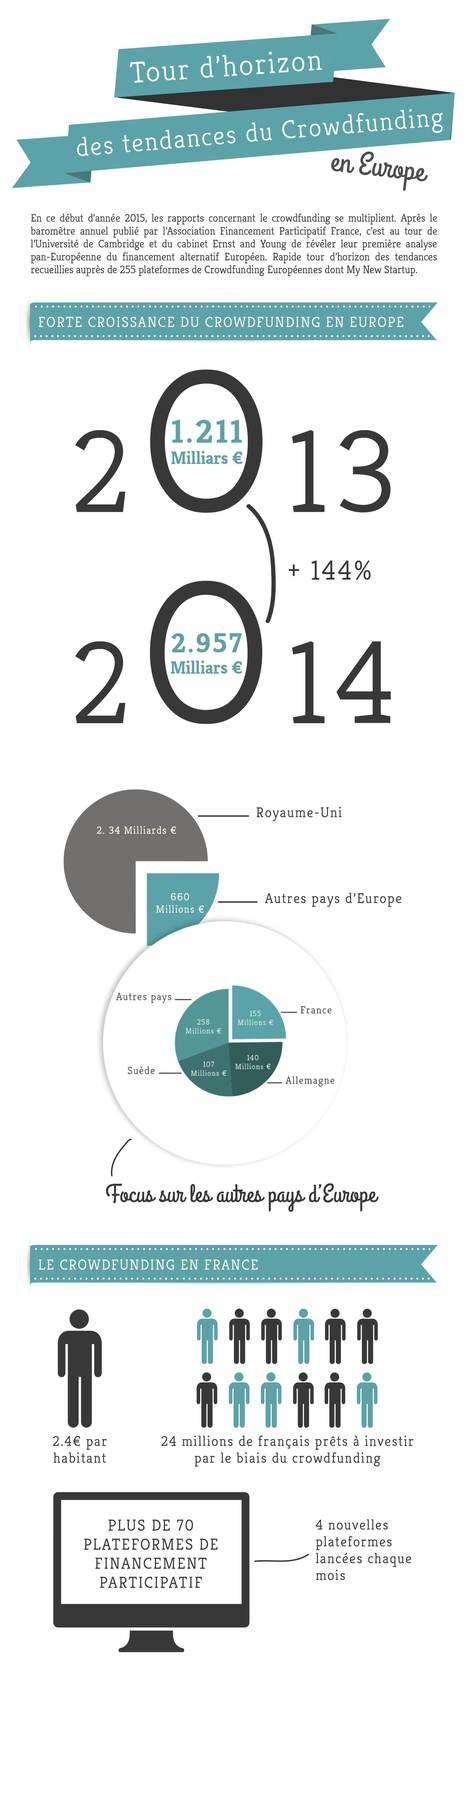 Tour d'horizon des tendances du crowdfunding en Europe | Crowdfunding - Financement participatif ACTU | Scoop.it